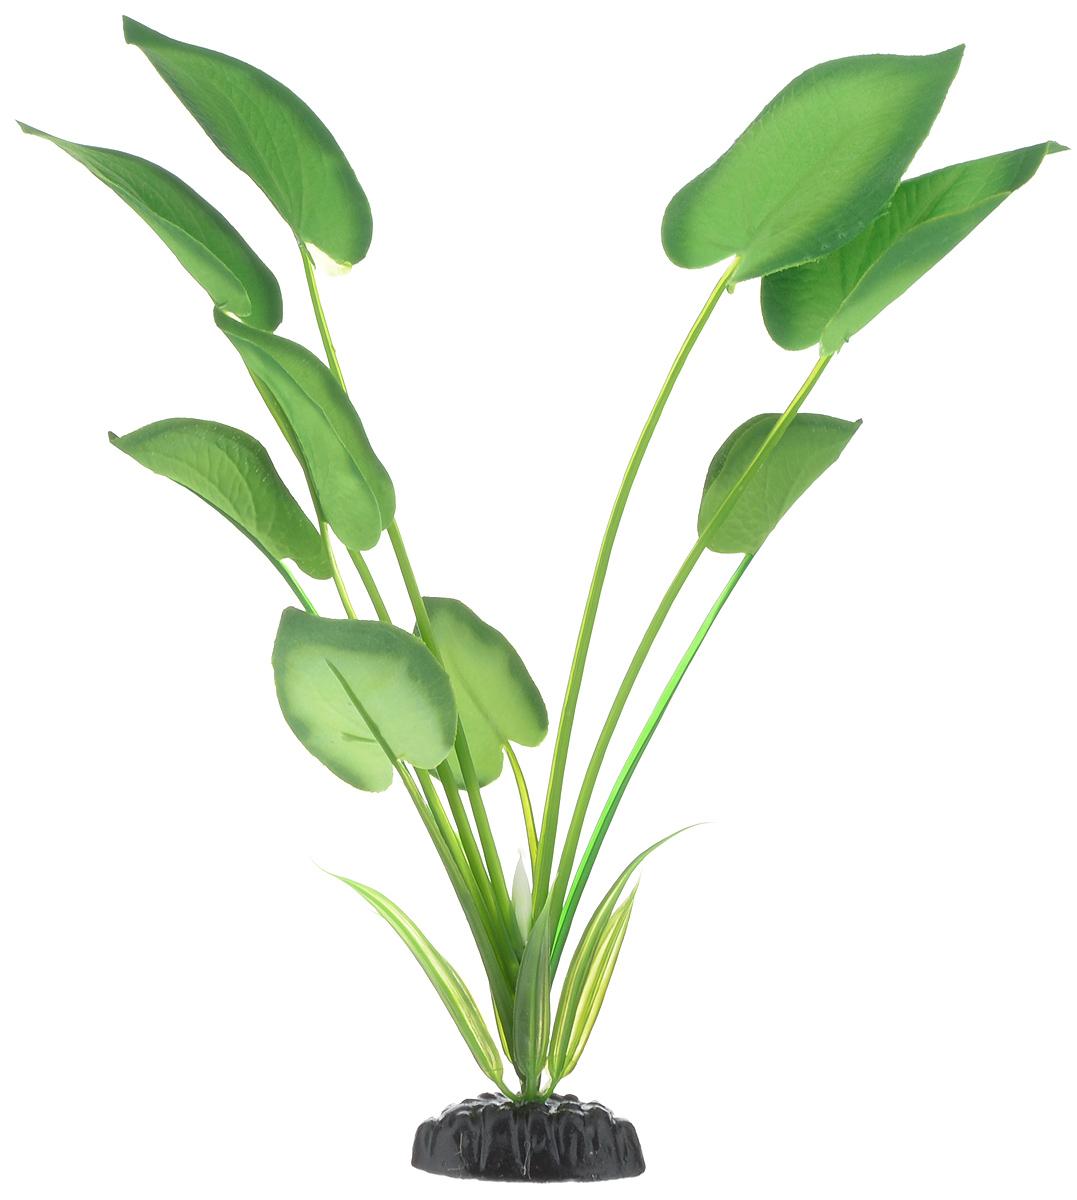 Растение для аквариума Barbus Эхинодорус, шелковое, высота 30 см. Plant 044/30 медоса лимонник 30 см ym 02 red green шелковое растение